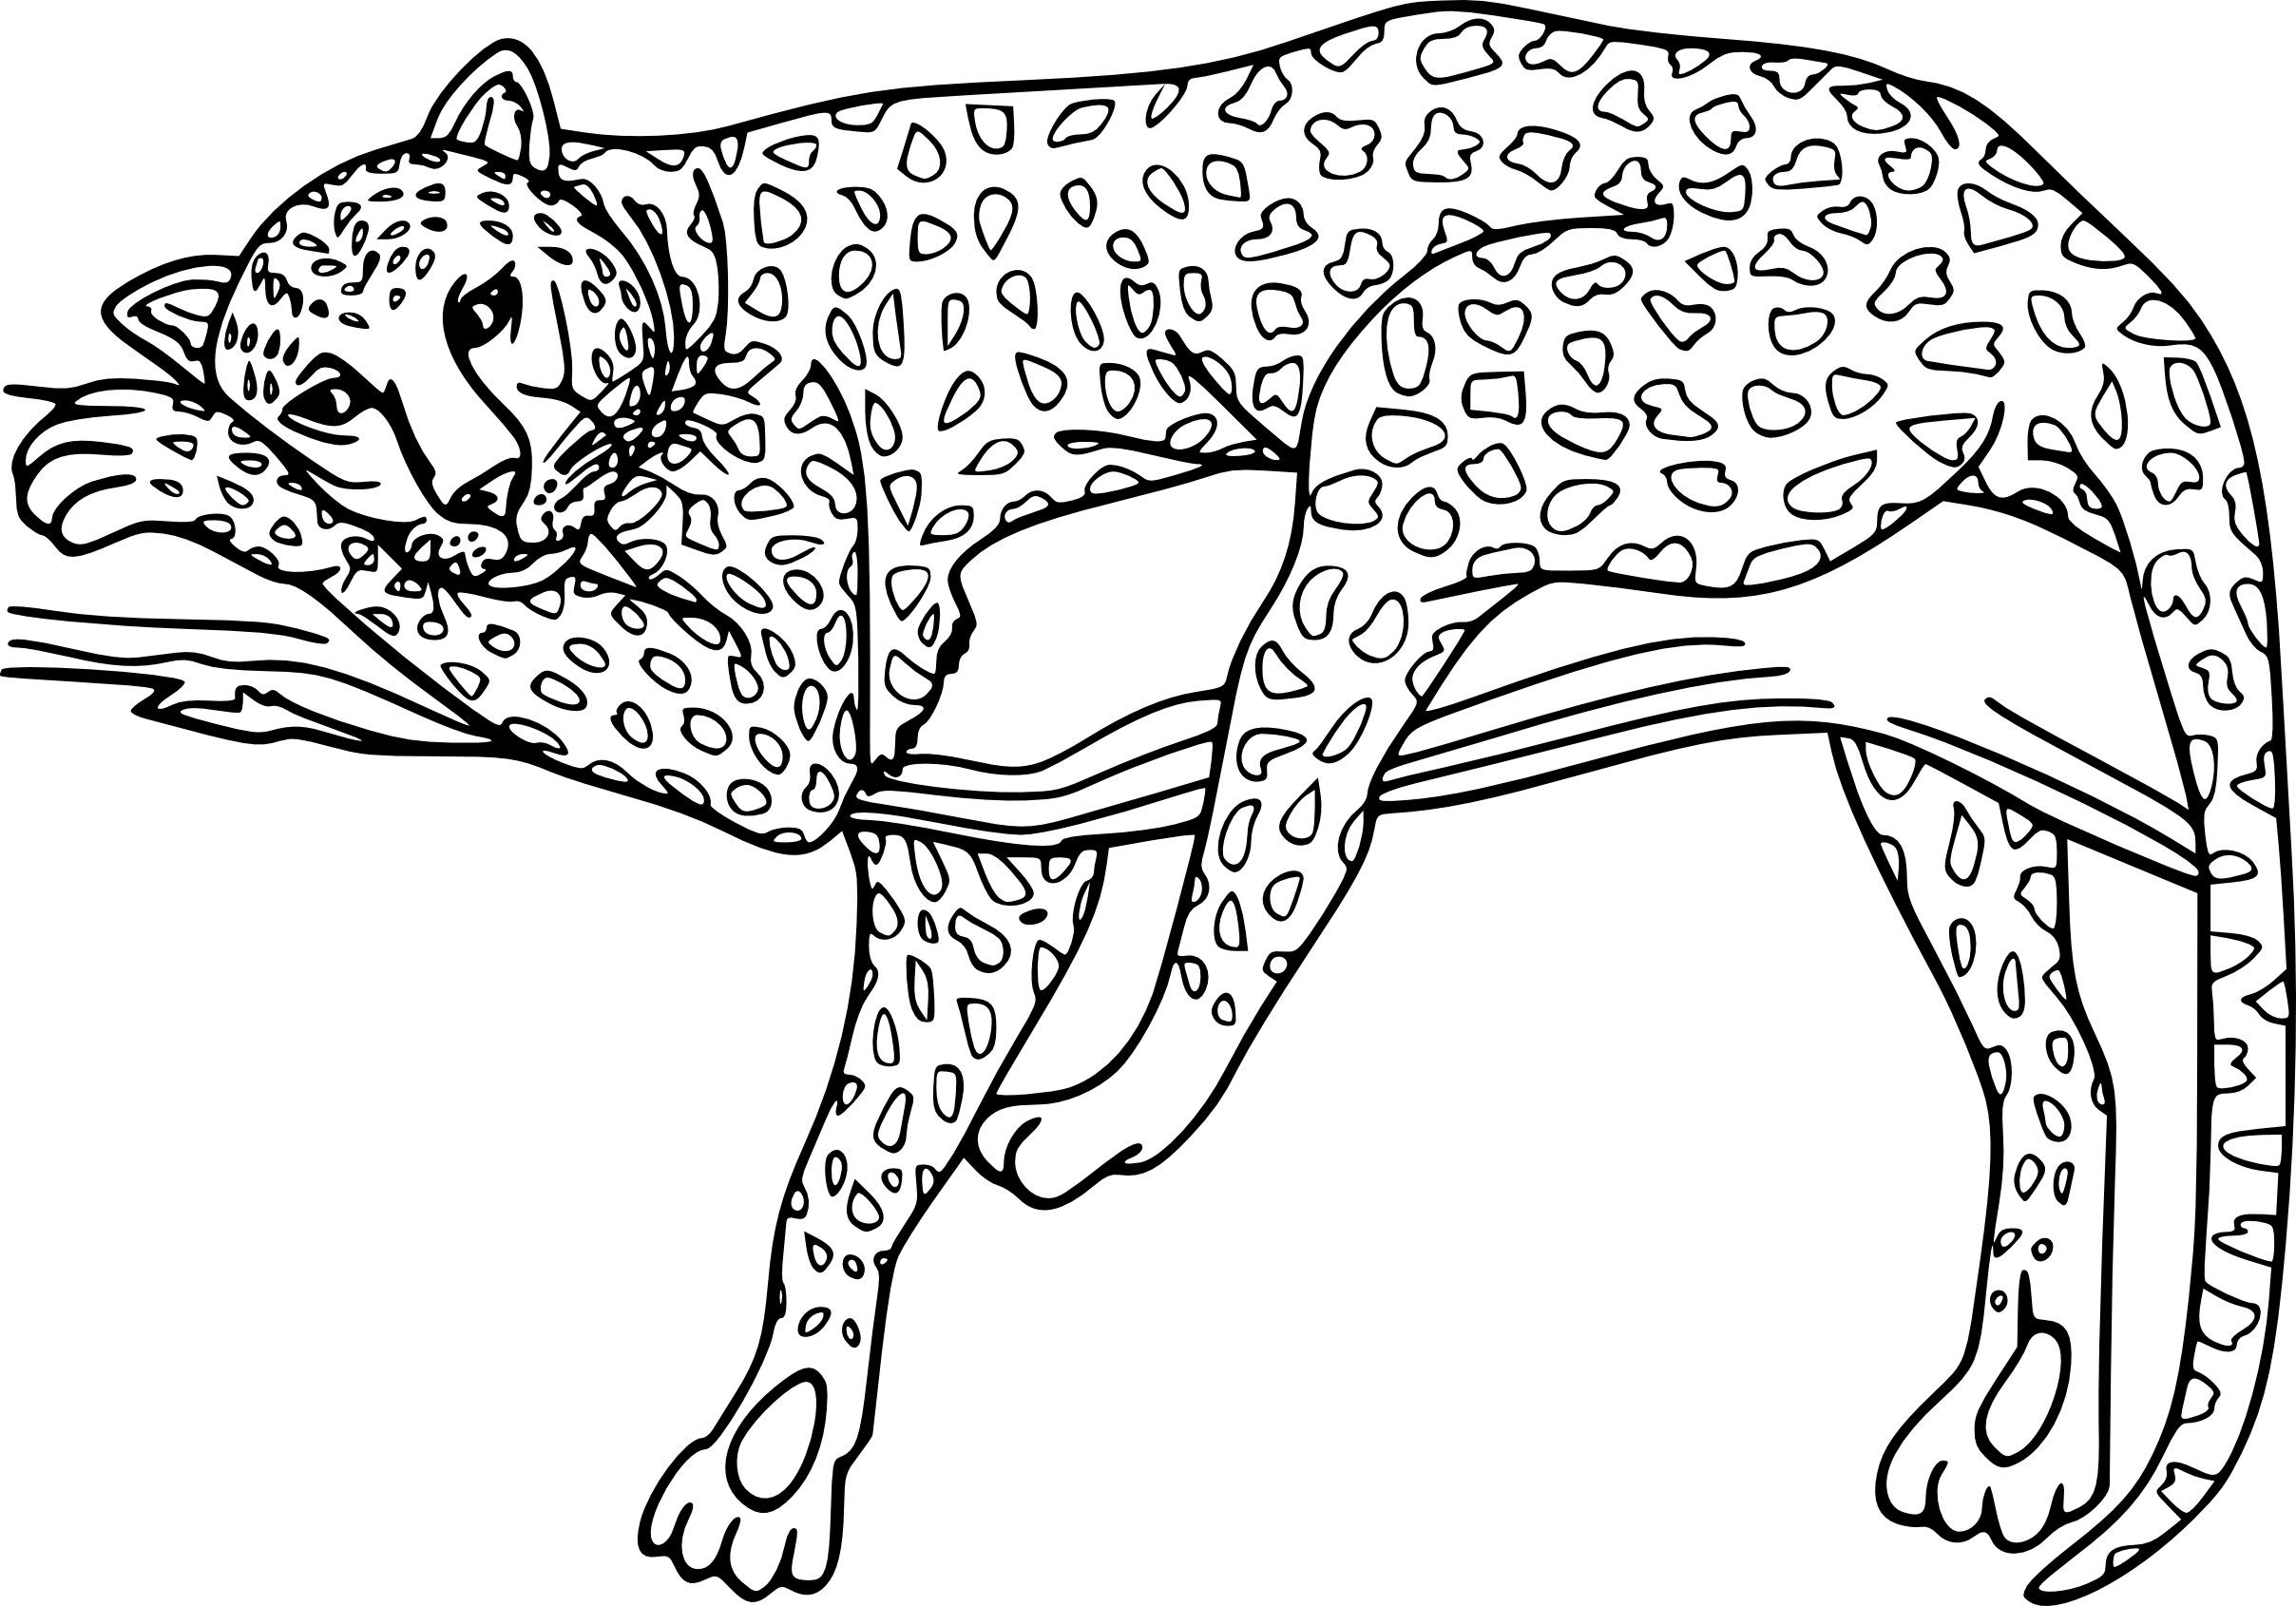 Meilleur de coloriage a imprimer gratuit animaux de la - Photo d animaux a imprimer gratuitement ...